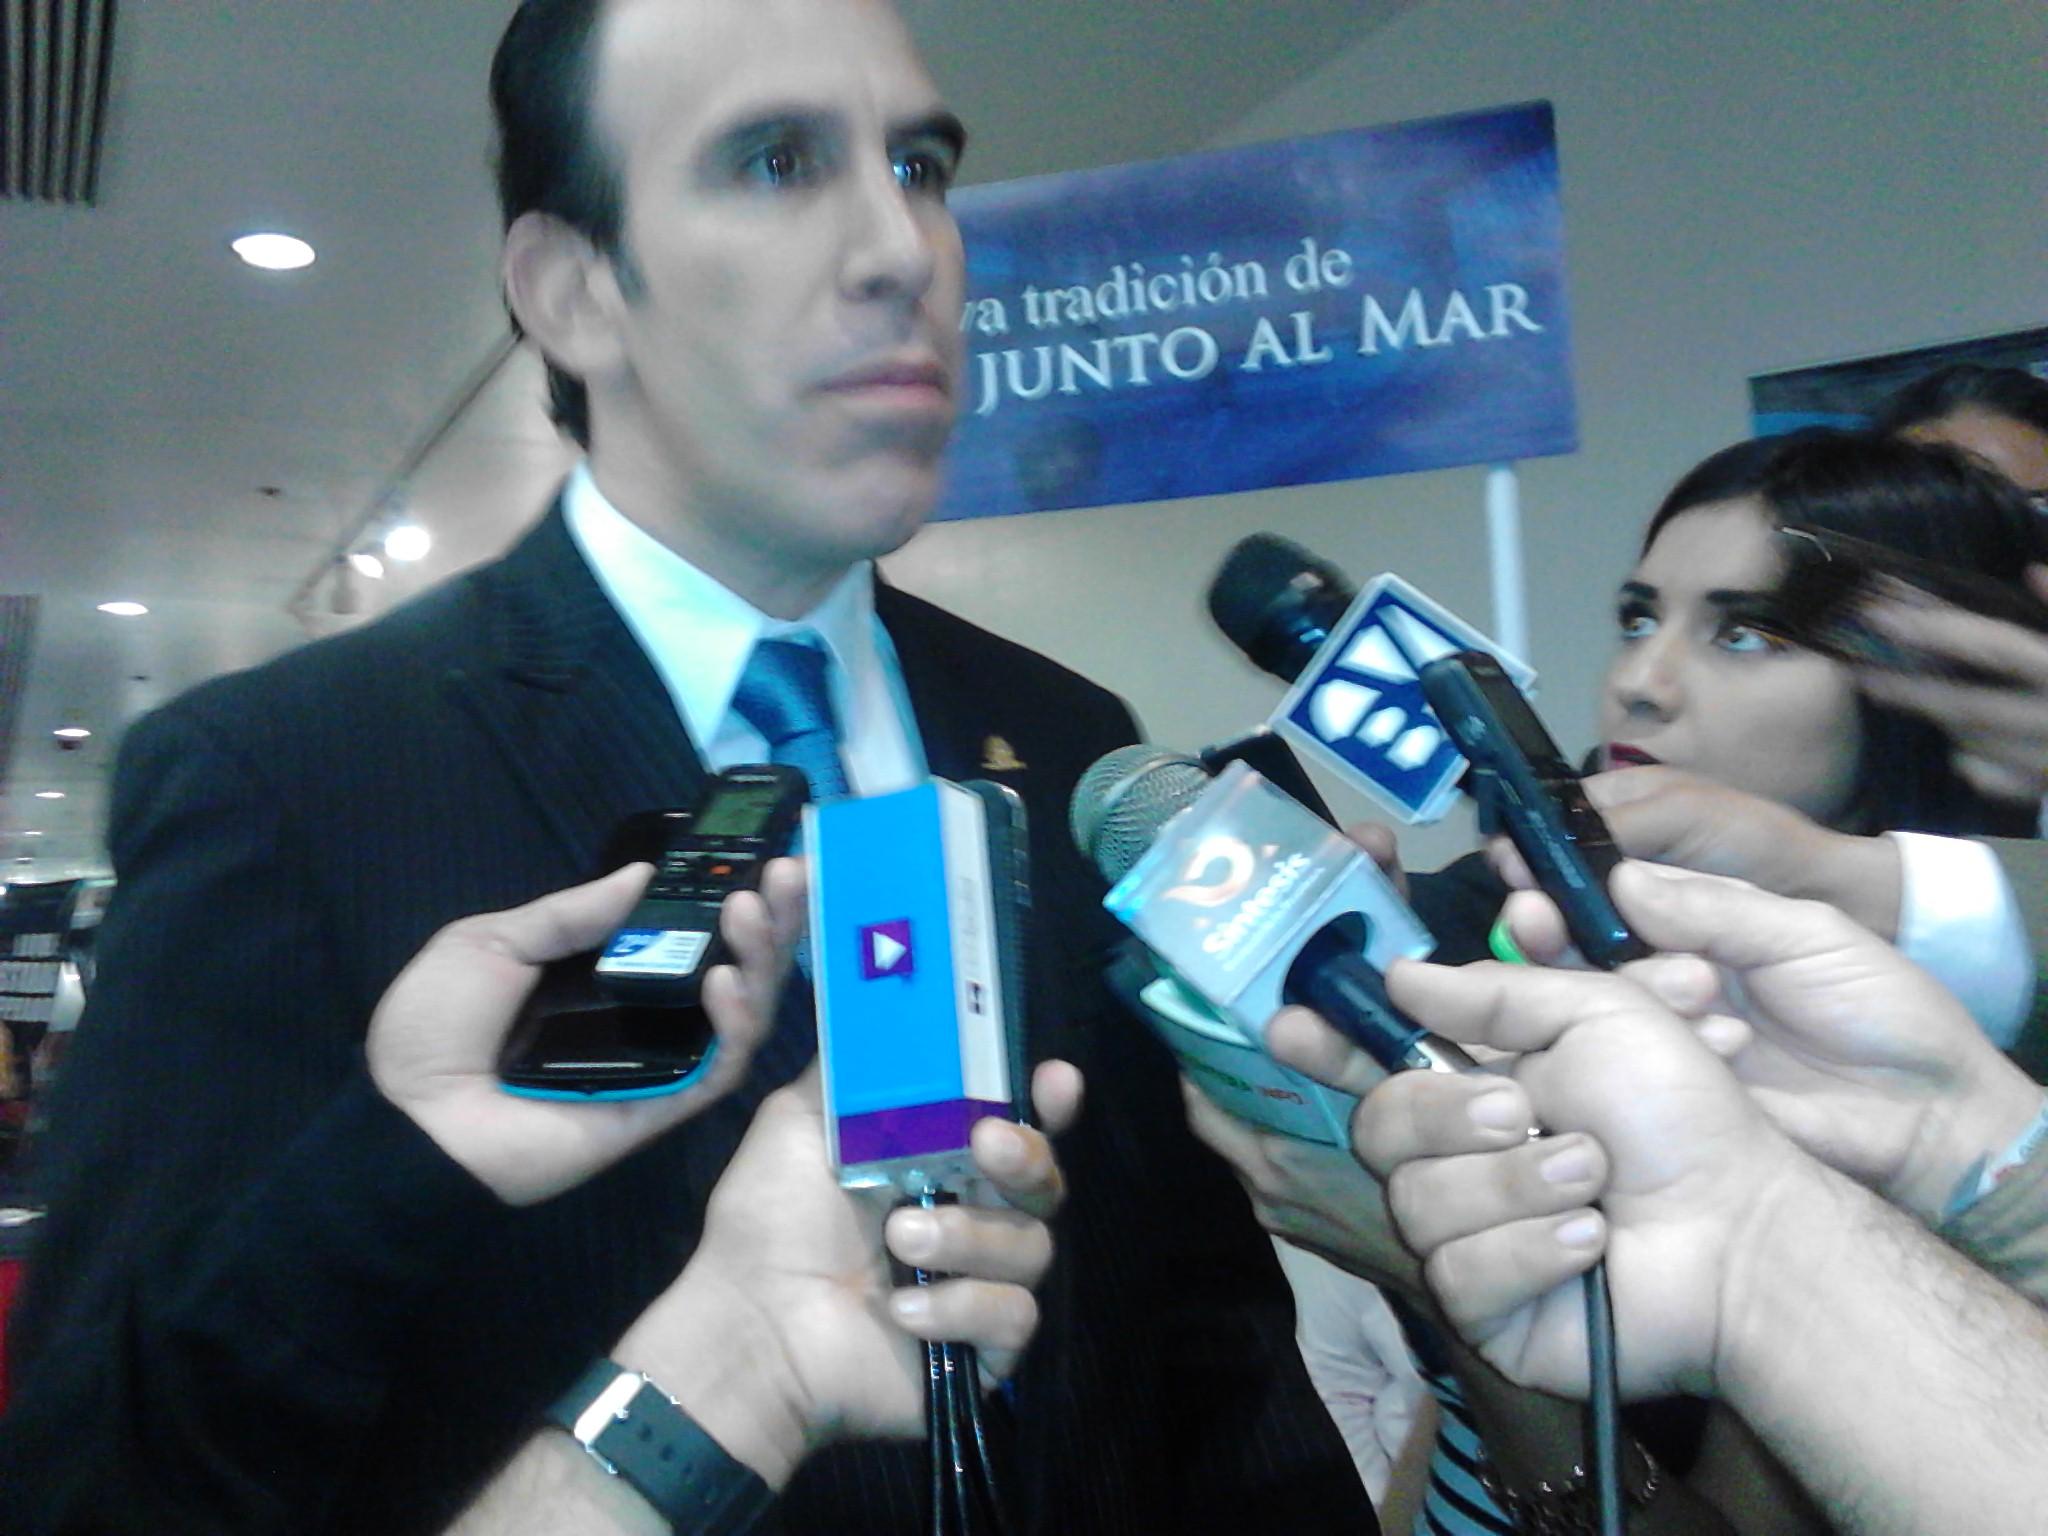 Deben partidos garantizar candidatos capaces y comprometidos: Gustavo Fernández De León